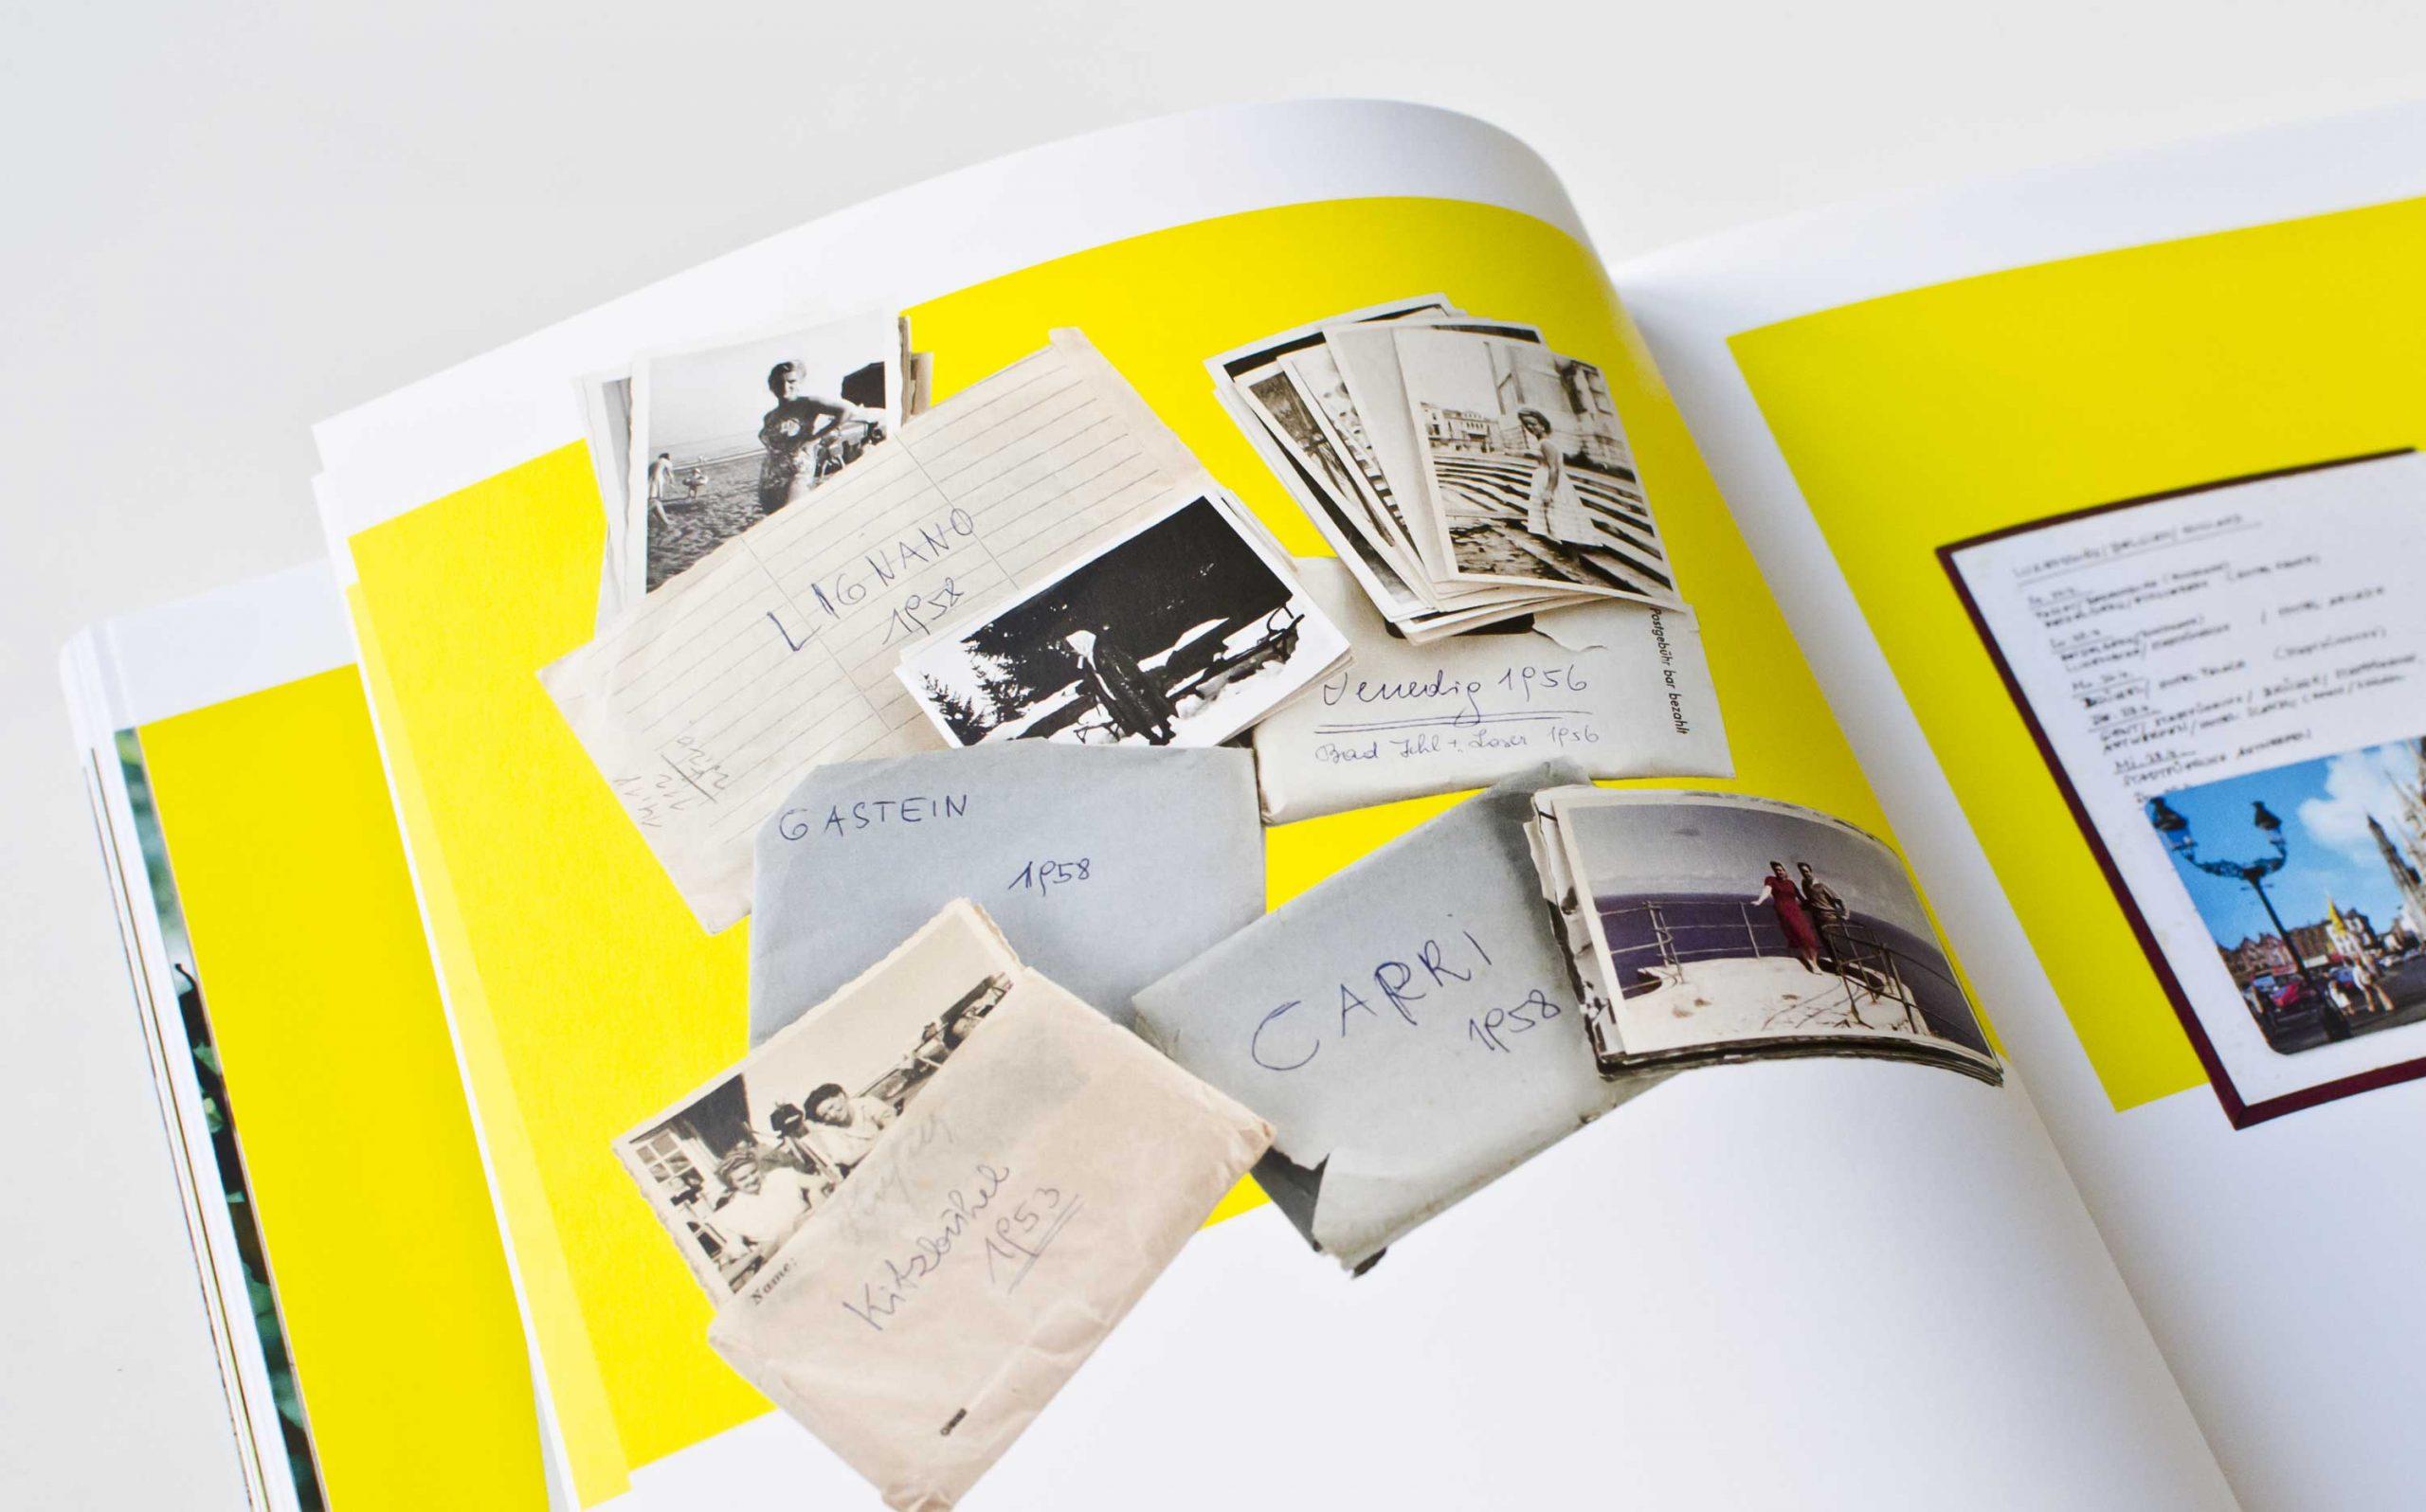 Tarek Leitner, Peter Coeln – Hilde & Gretl | Detailaufnahme einer Doppelseite mit Bildern vor neongelbem Grund | Keywords: Editorial Design, Veredelung, Artist Book, Künstlerbuch, Buchgestaltung, Grafikdesign, Design, Typografie